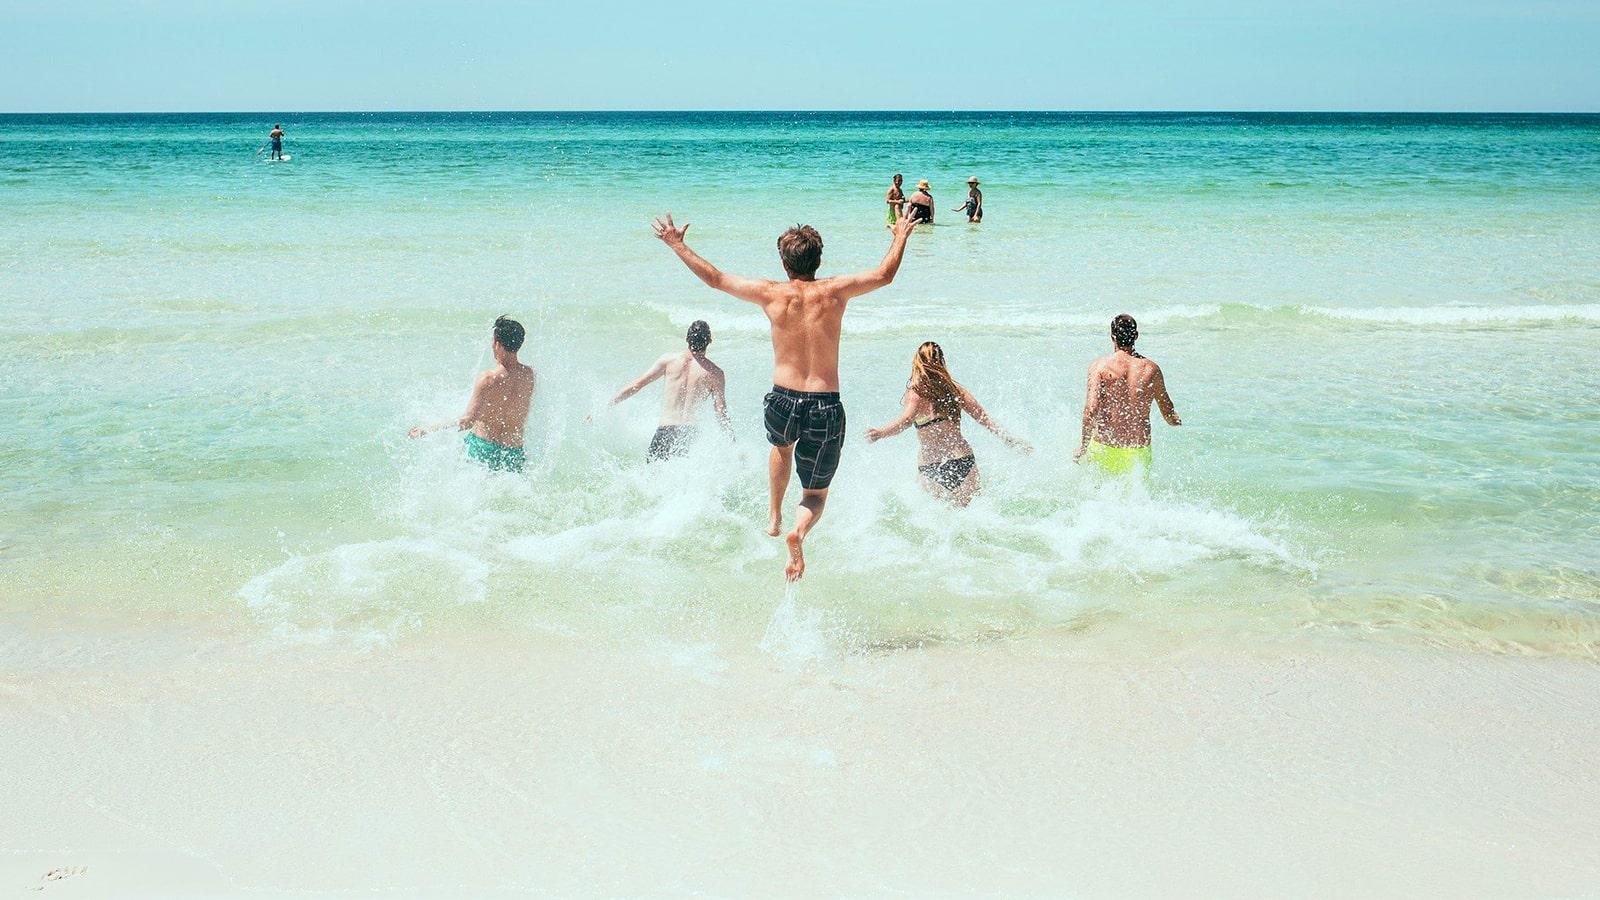 Überraschungsreise zum Wish&Fly Beach